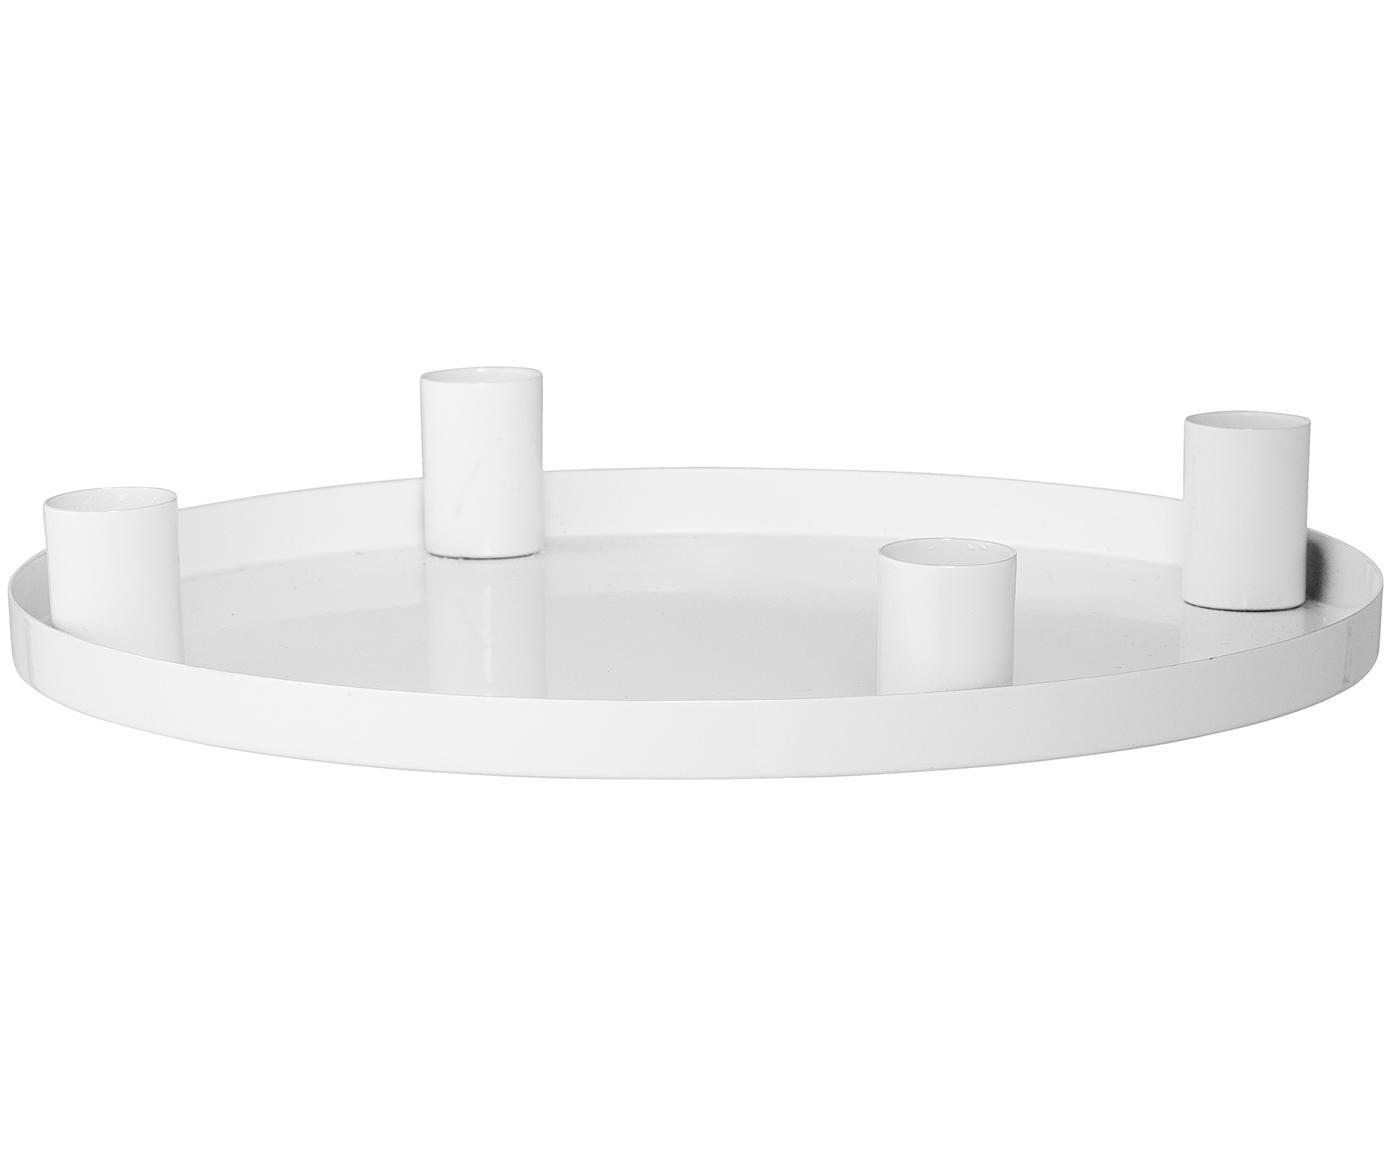 Kaarsenhouder Advent, Gecoat metaal, Wit, Ø 25 x H 4 cm